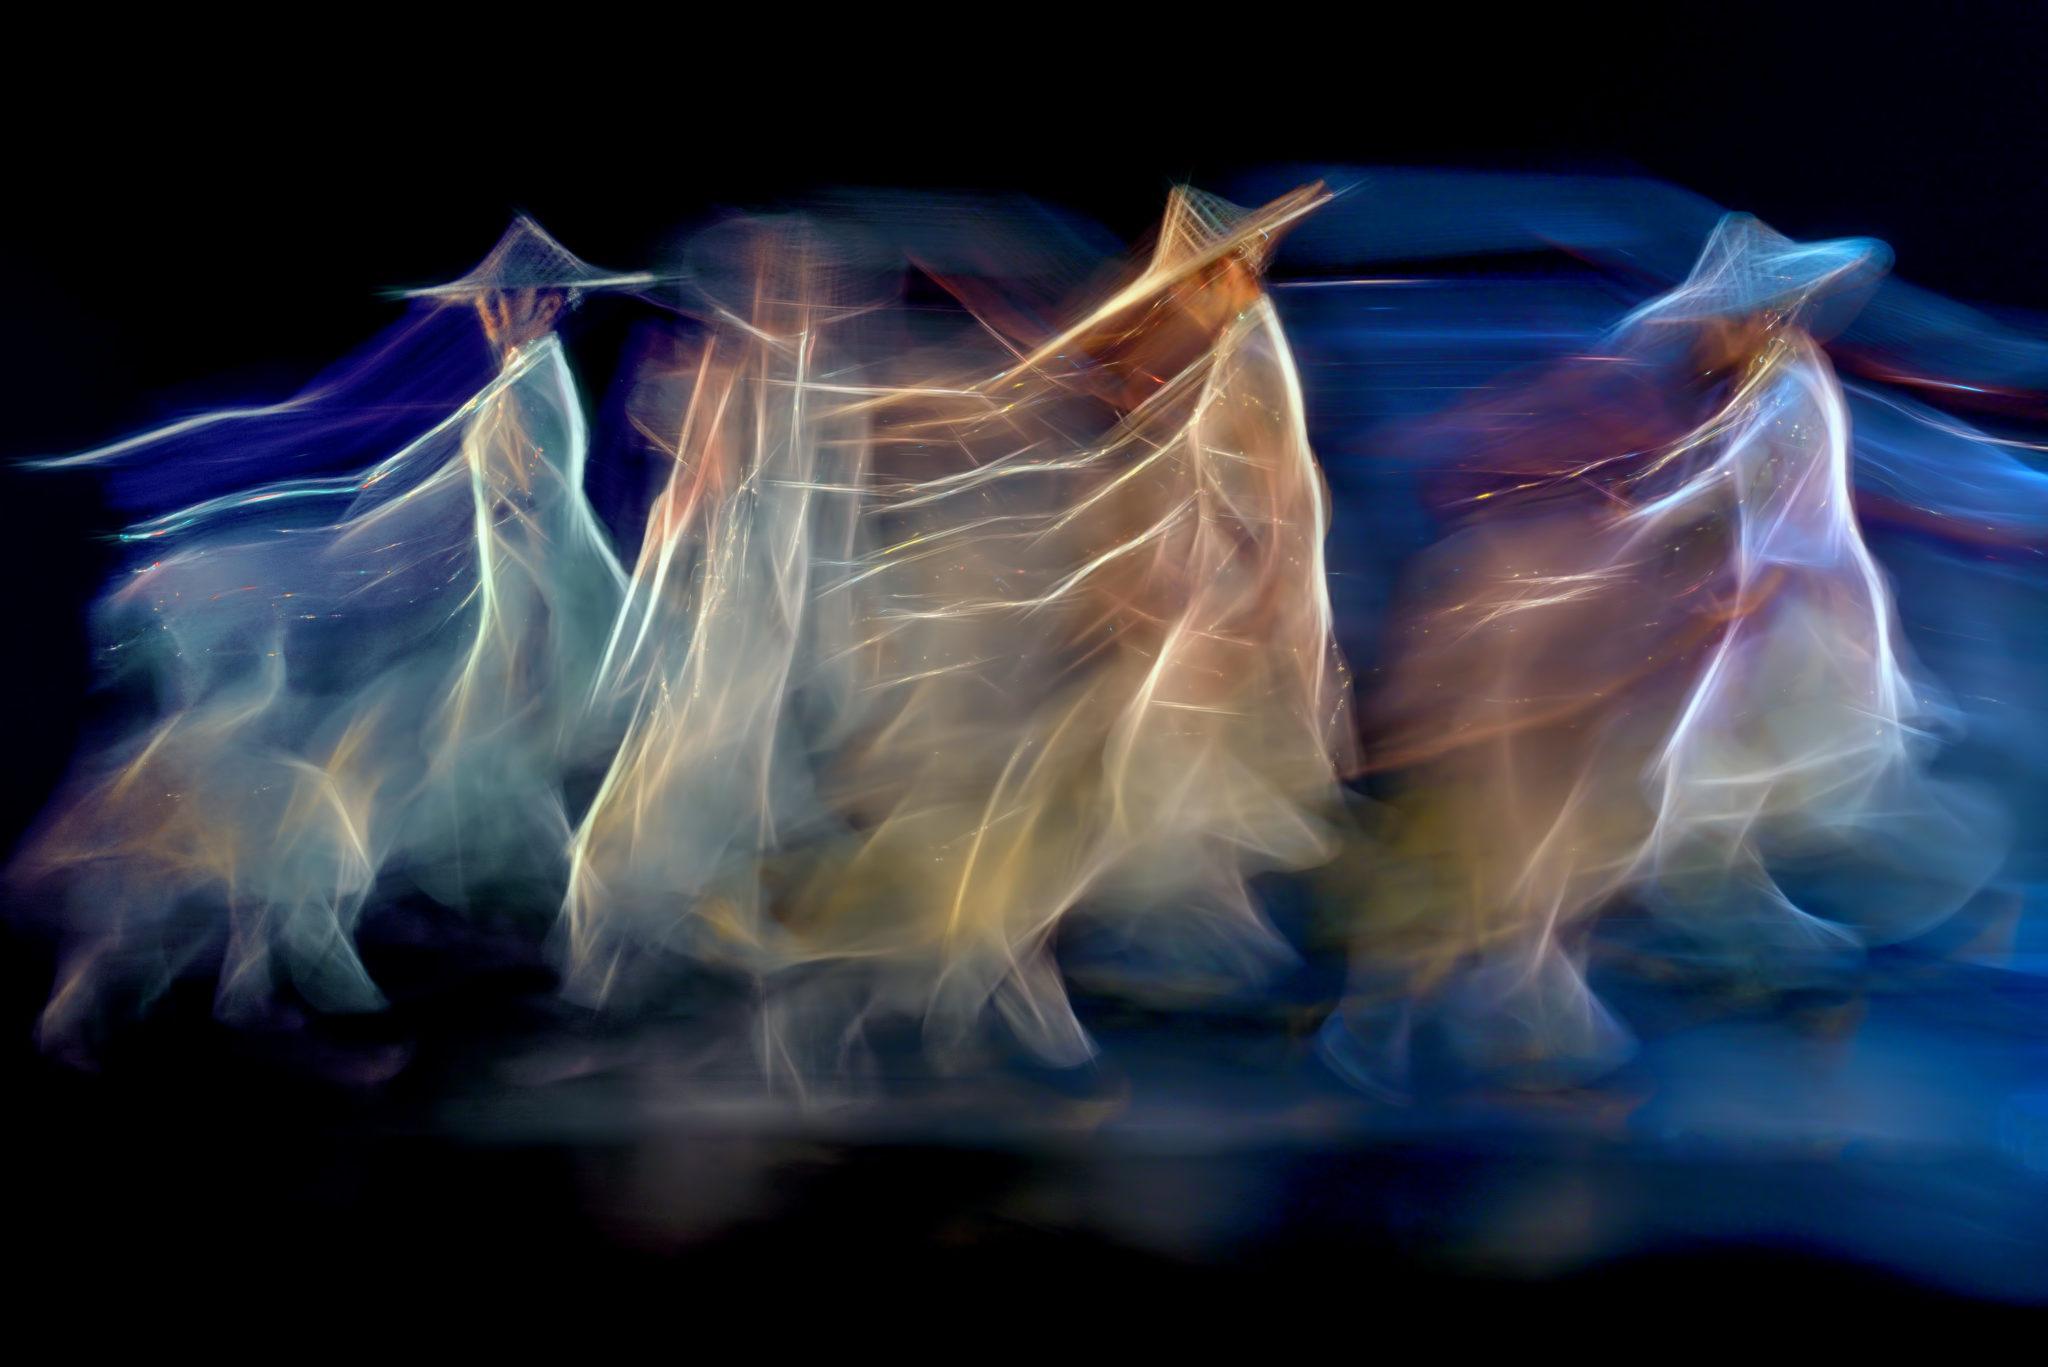 """Exposição """"Stillness in motion"""" é inaugurada no próximo dia 28 na Creative Macau"""